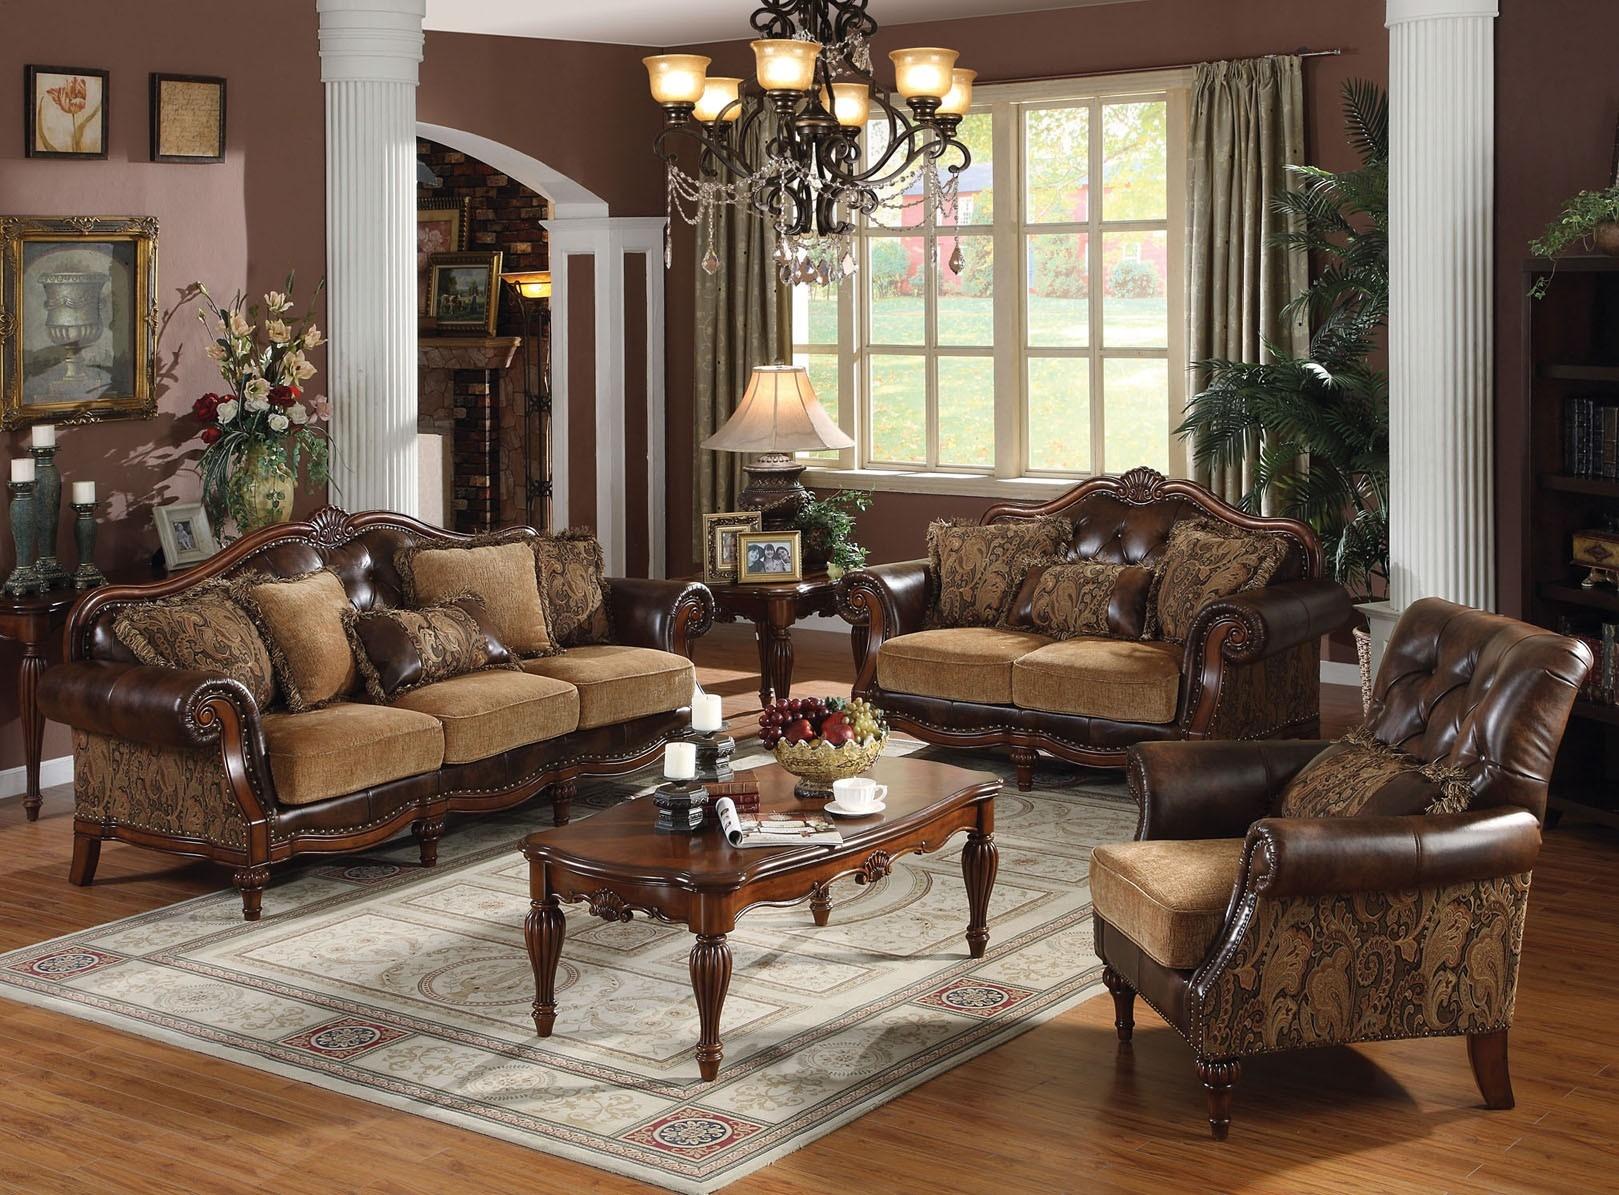 Коричневая мебель в гостиную классического стиля